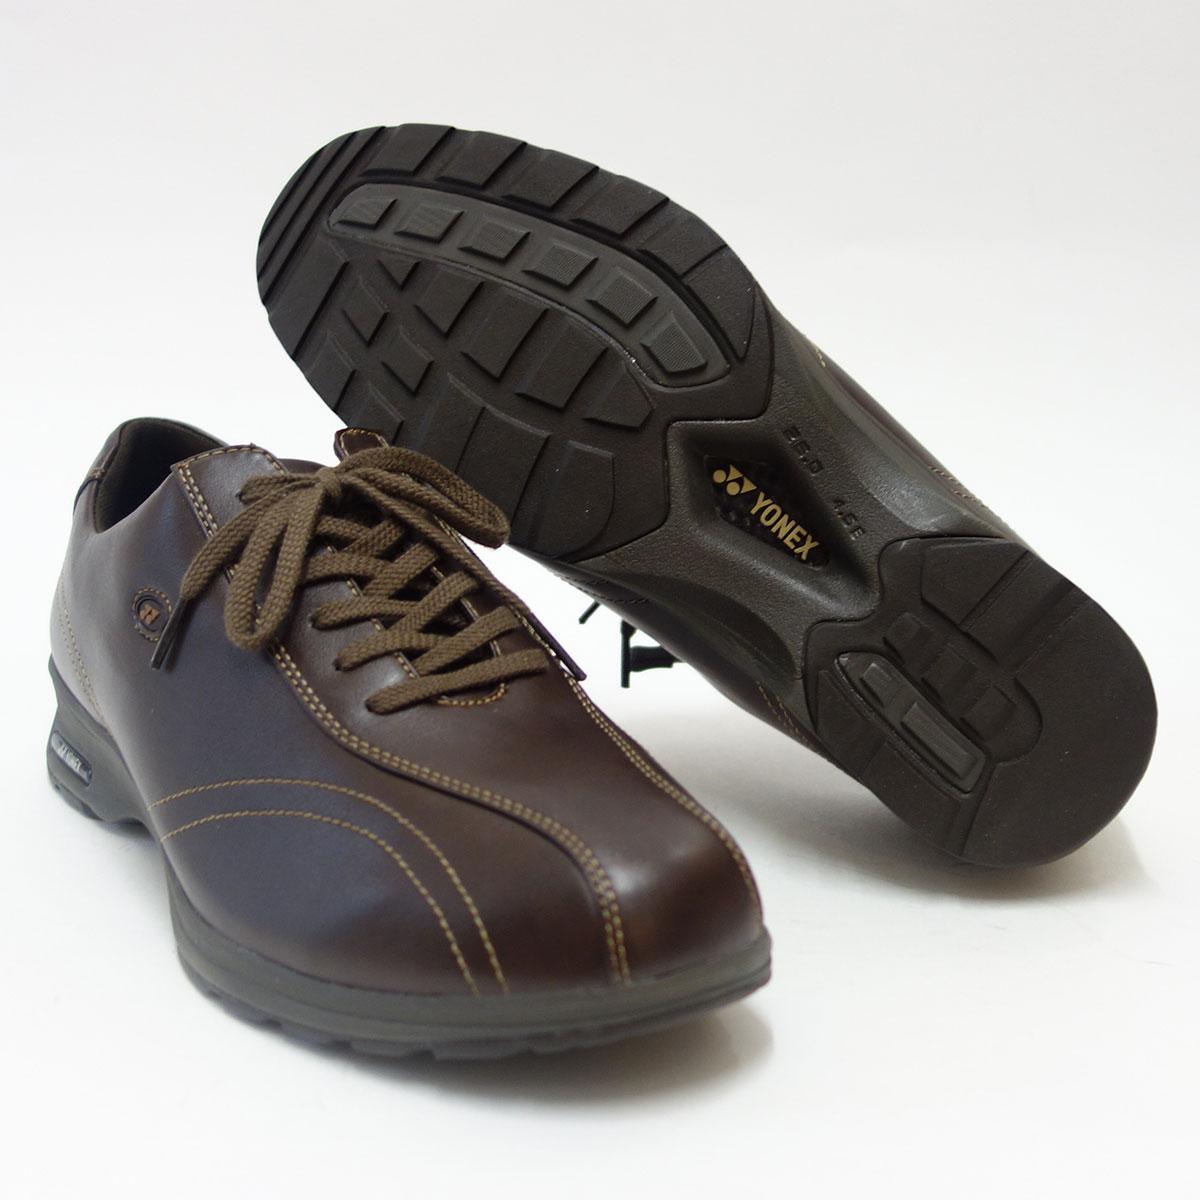 4.5Eのワイド幅&ハイパーライトソールで超軽量ストレッチ素材で足に楽々フィット!【YONEX】ヨネックスMC30W ダークブラウン(メンズ)軽い疲れにくいウォーキングシューズ『靴』